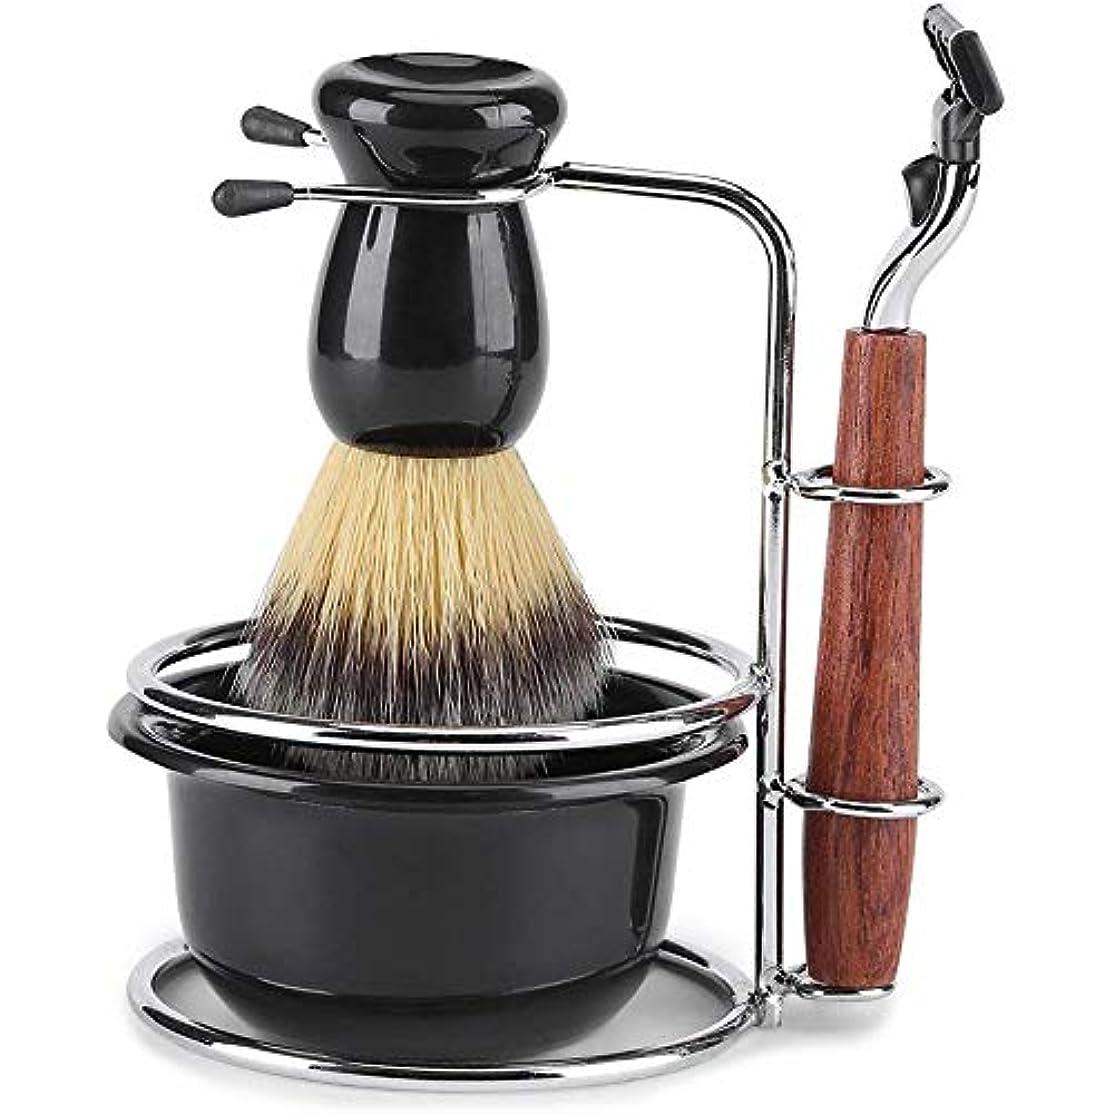 本当のことを言うとにかすかな4セットシェービングブラシセットプラシスタンド 石鹸ボウル父の日プレゼント ひげブラシ シェービングブラシ 洗顔 髭剃り